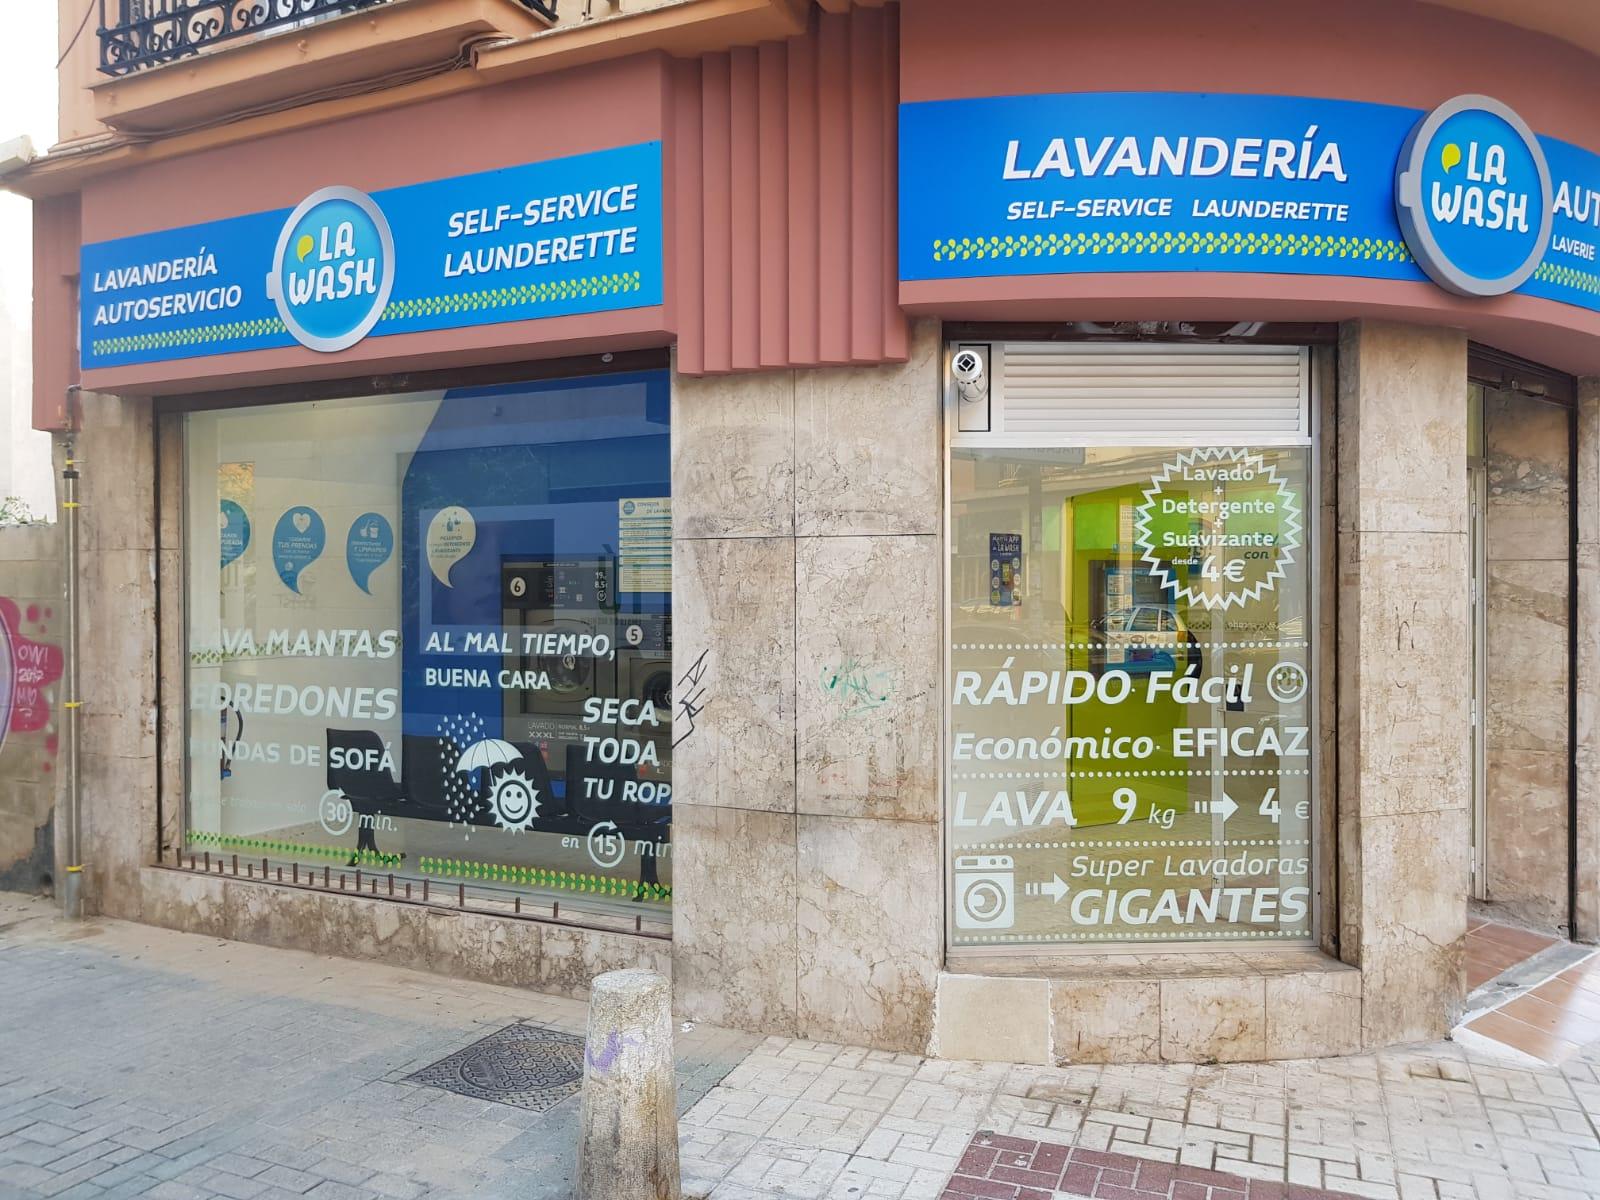 L'expansió de les bugaderies autoservei a Espanya